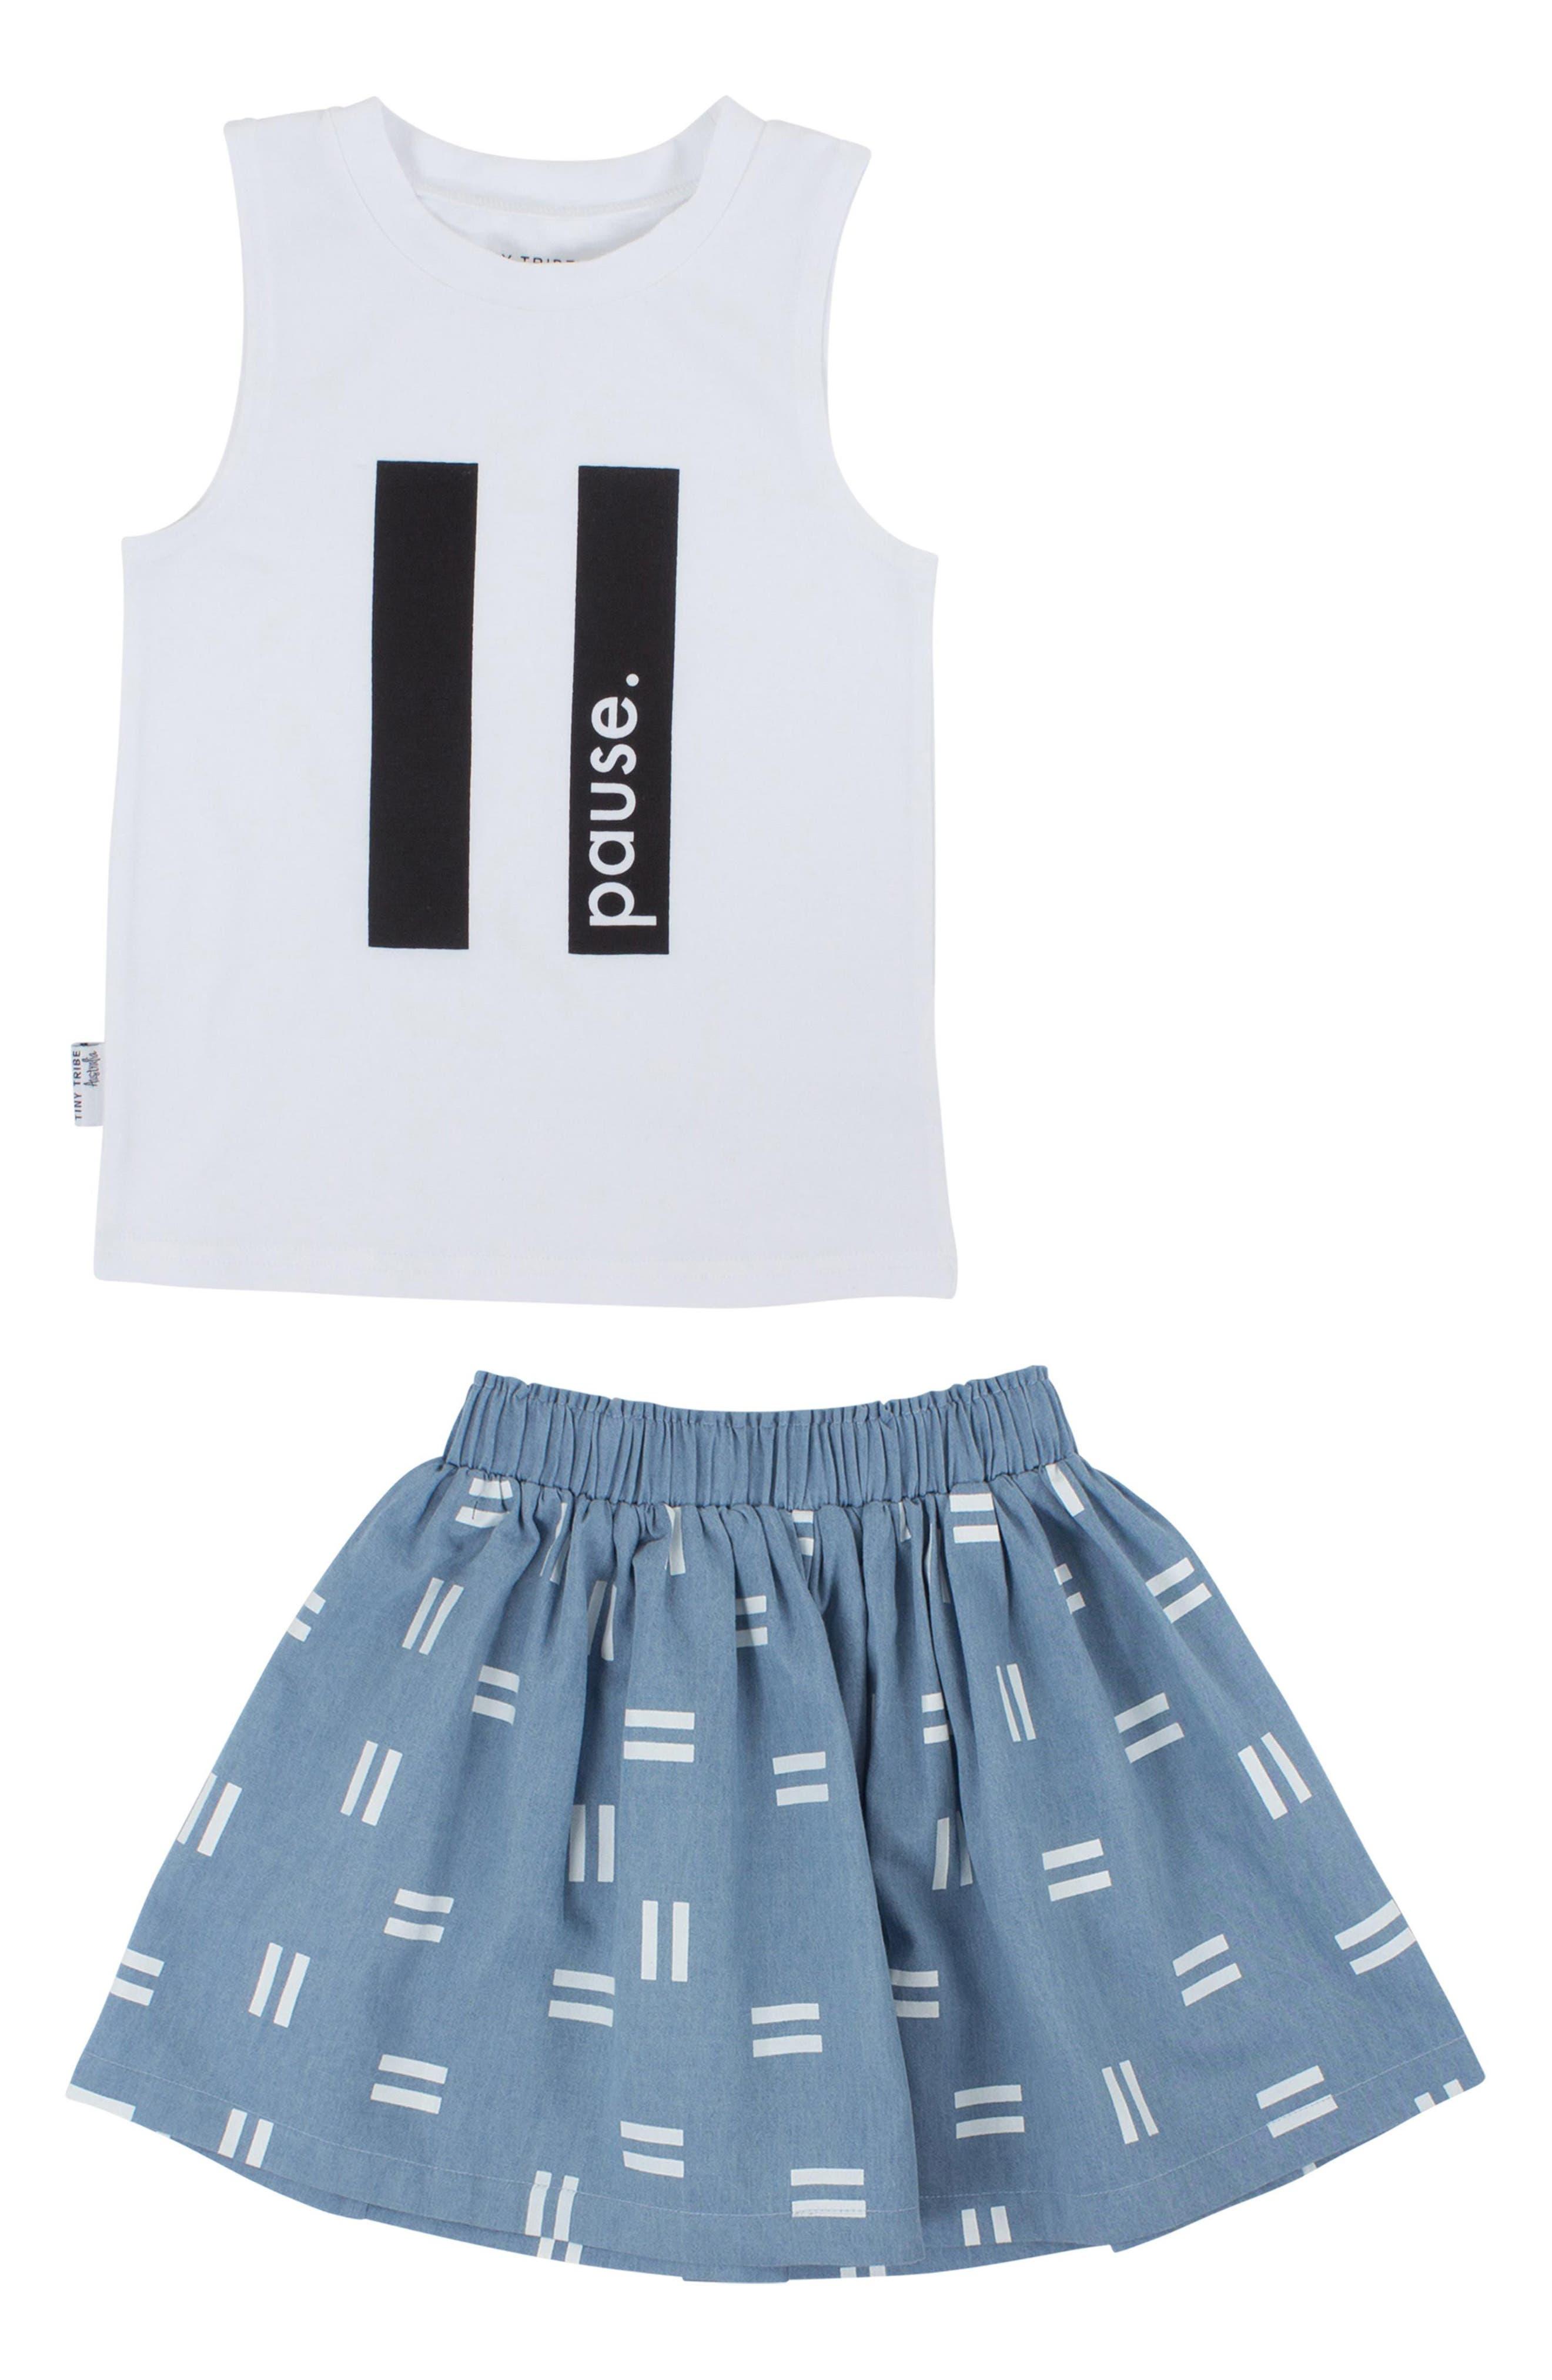 Pause Tank & Chambray Skirt Set,                         Main,                         color, 100